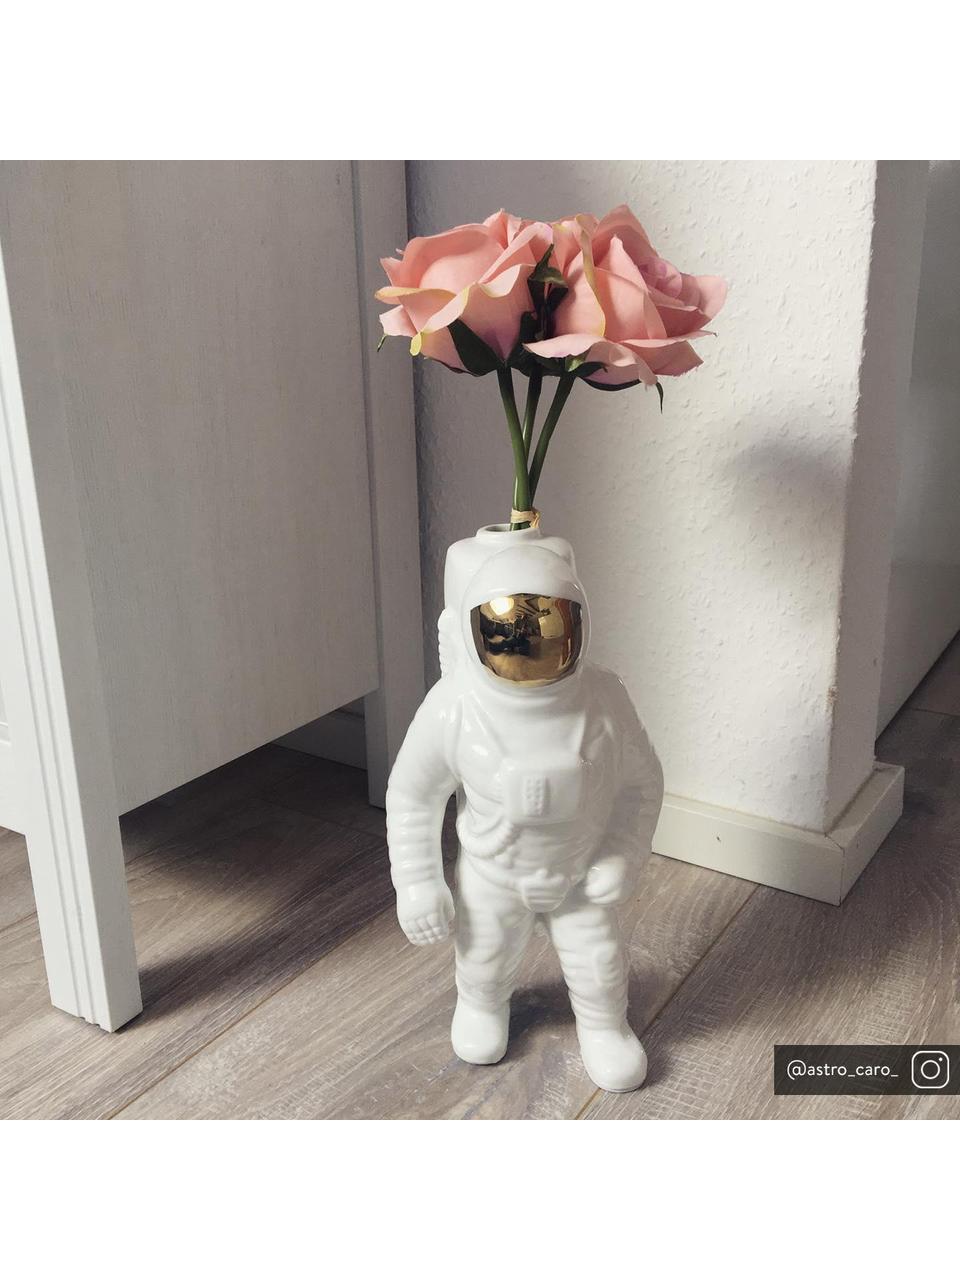 Deko-Vase Cosmic Diner Starman aus Porzellan, Porzellan, Weiß, Goldfarben, H 28 cm